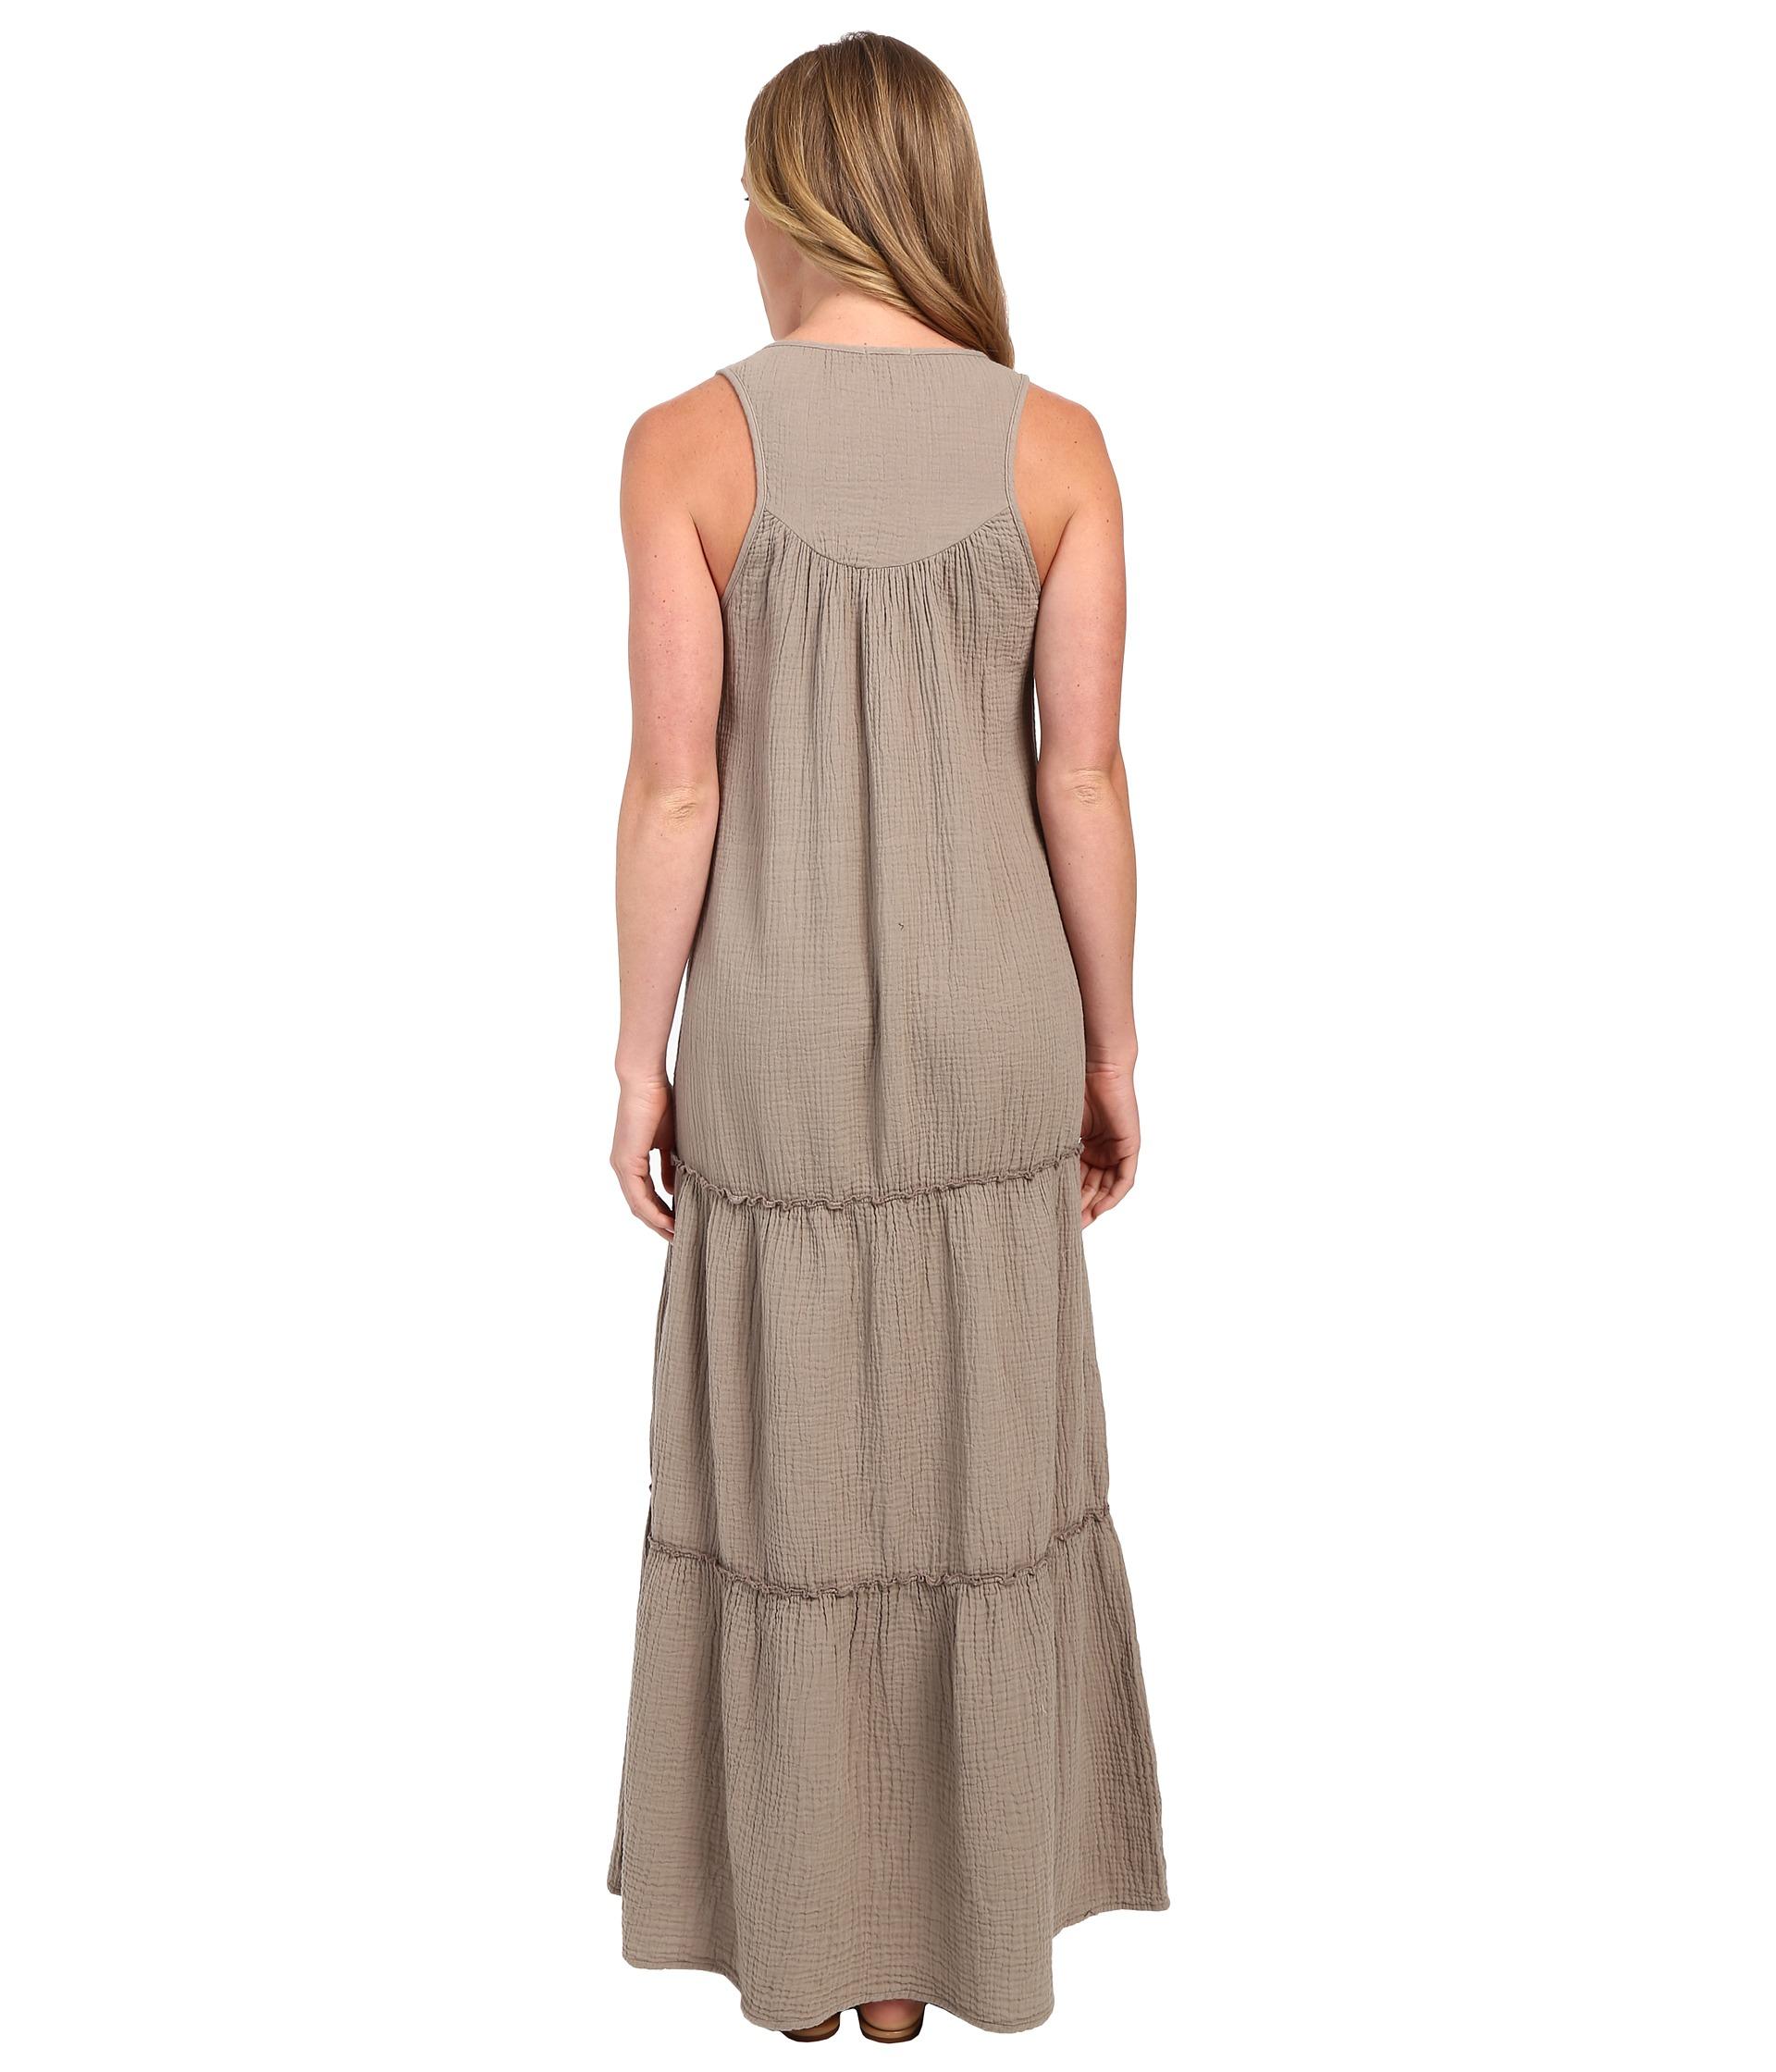 5ffe14db01b Lyst - Dylan By True Grit Soft Gauzy Cotton Tiered Tank Maxi Dress ...